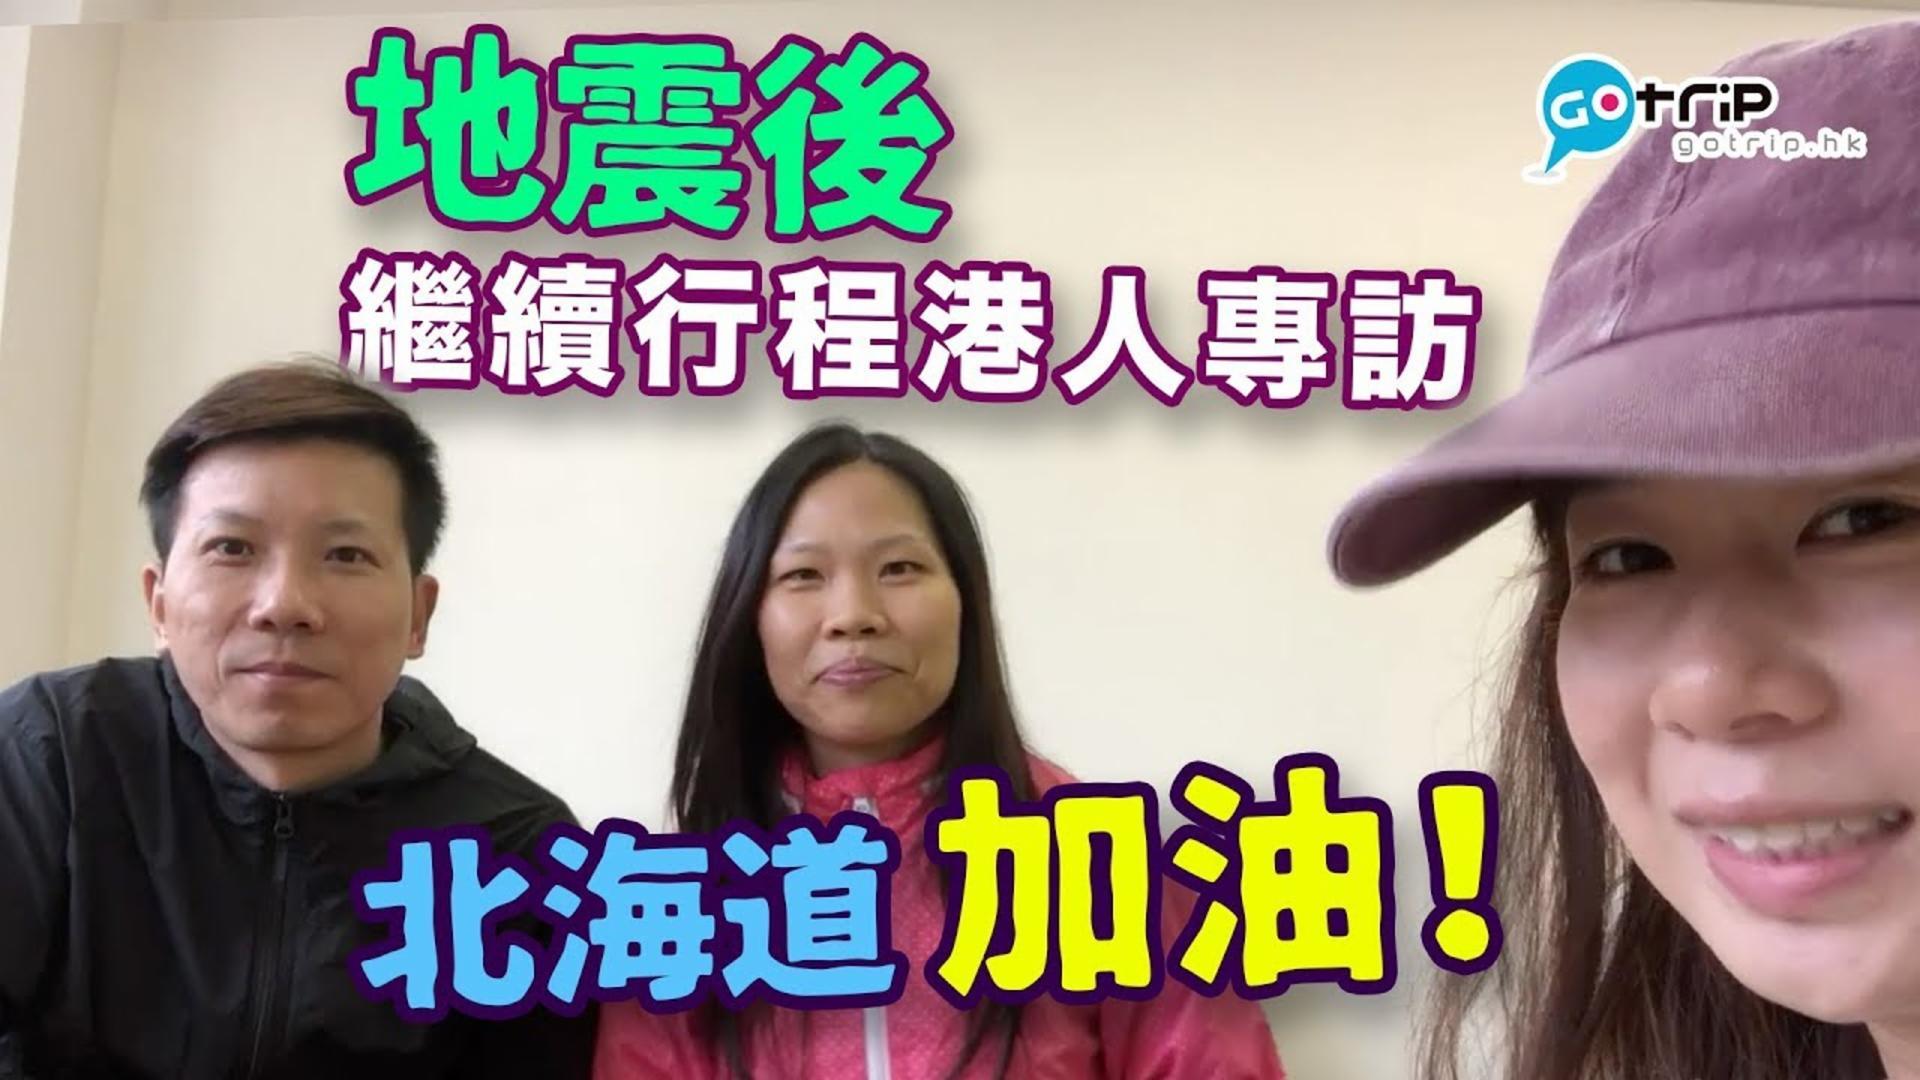 日本 北海道加油!地震後 繼續行程港人的專訪【學做日本人】Ep.21